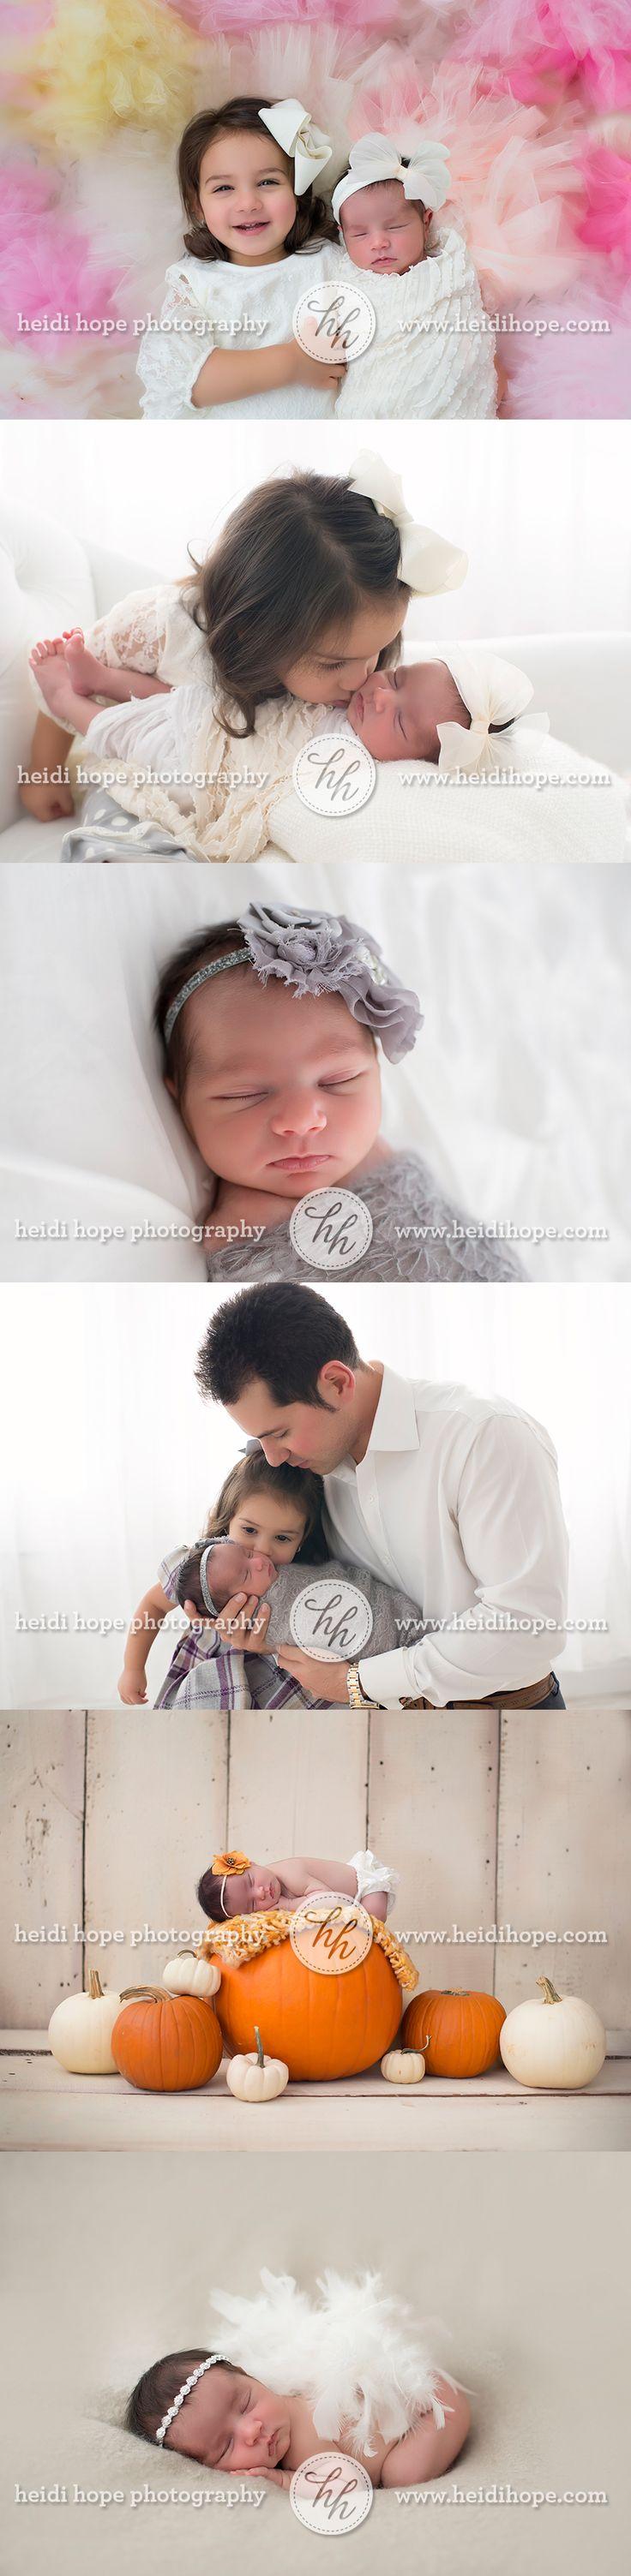 1000 Ide Tentang Foto Bayi Baru Lahir Di Pinterest